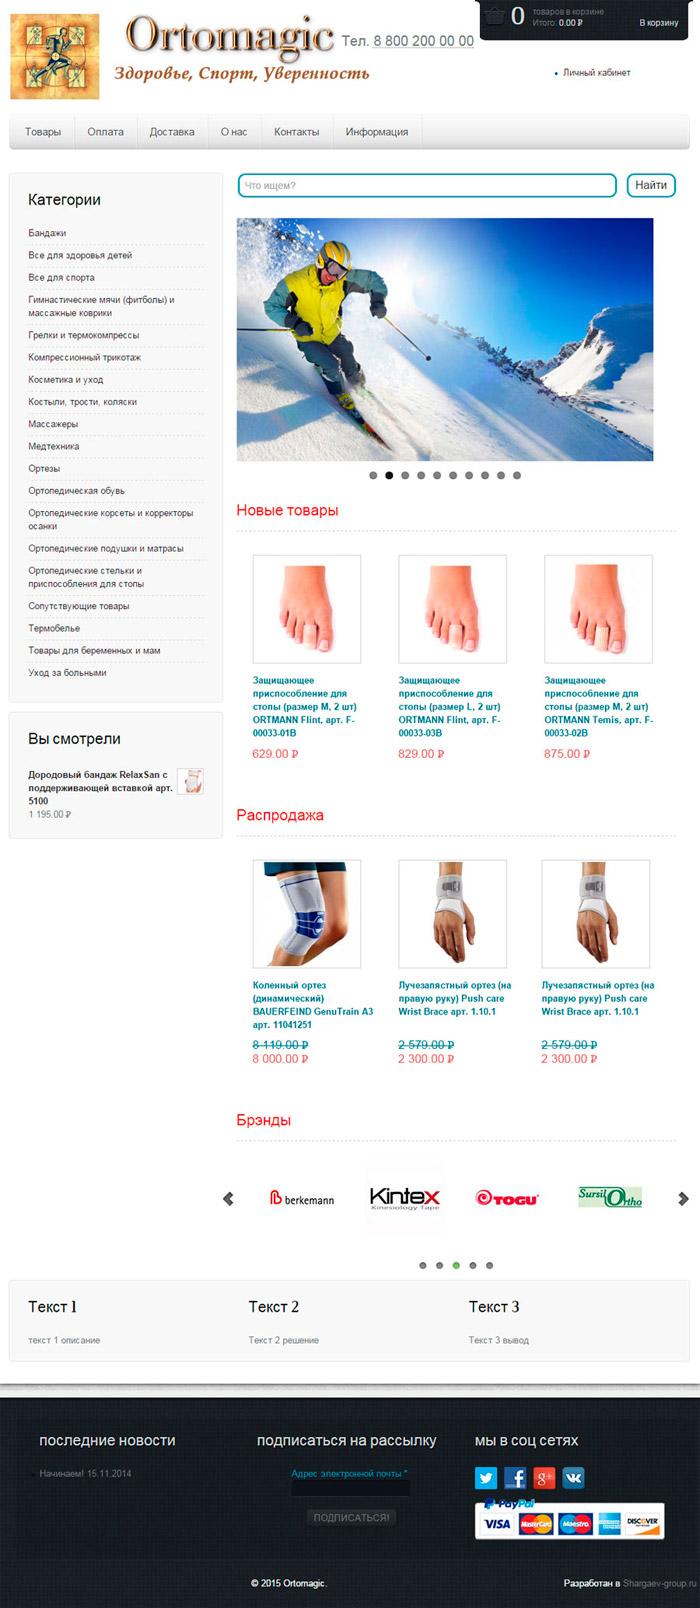 Интернет магазин ортопедических товаров Ortomagic